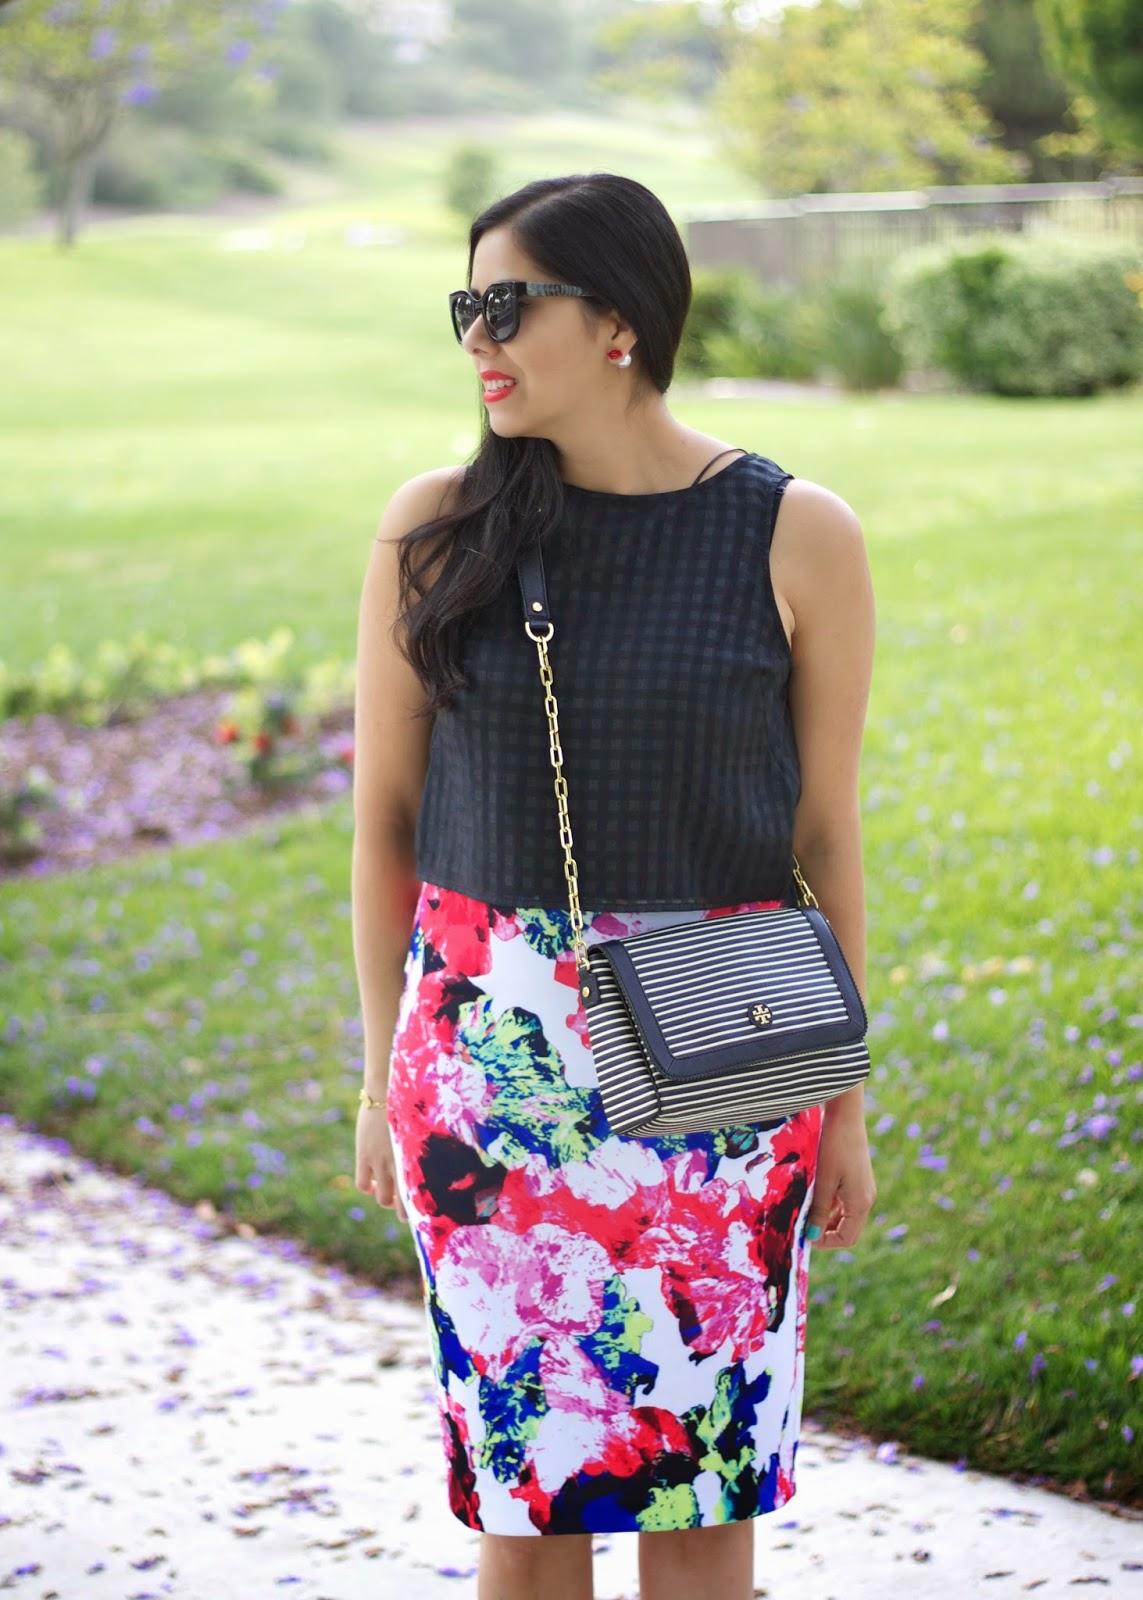 Kohls Outfit blogger, kohls blogger, kohls fashion blogger, outfit by kohls, milly and kohls collaboration skirt